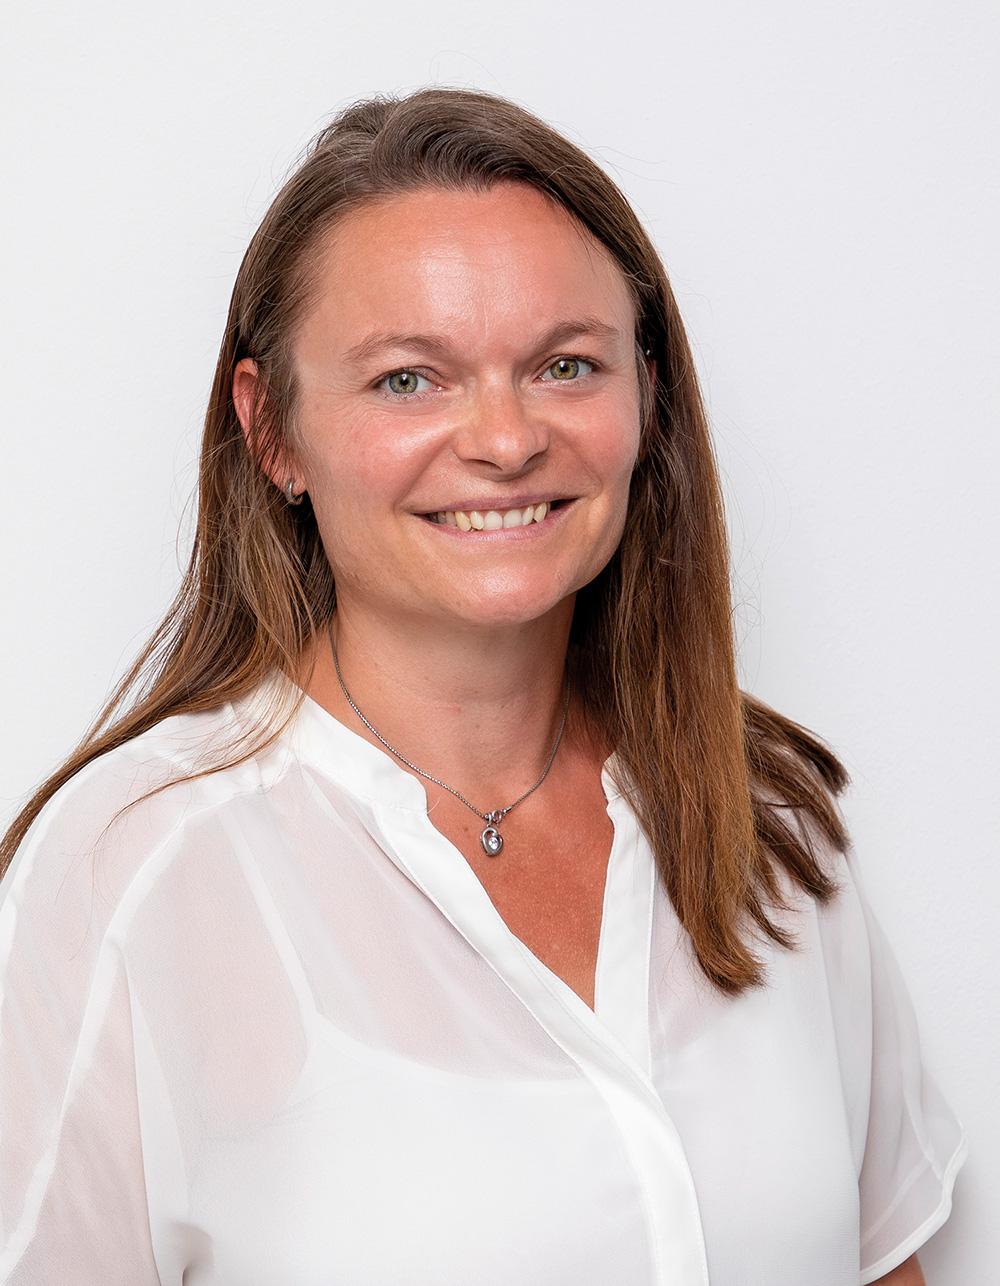 Elisabeth Ebner